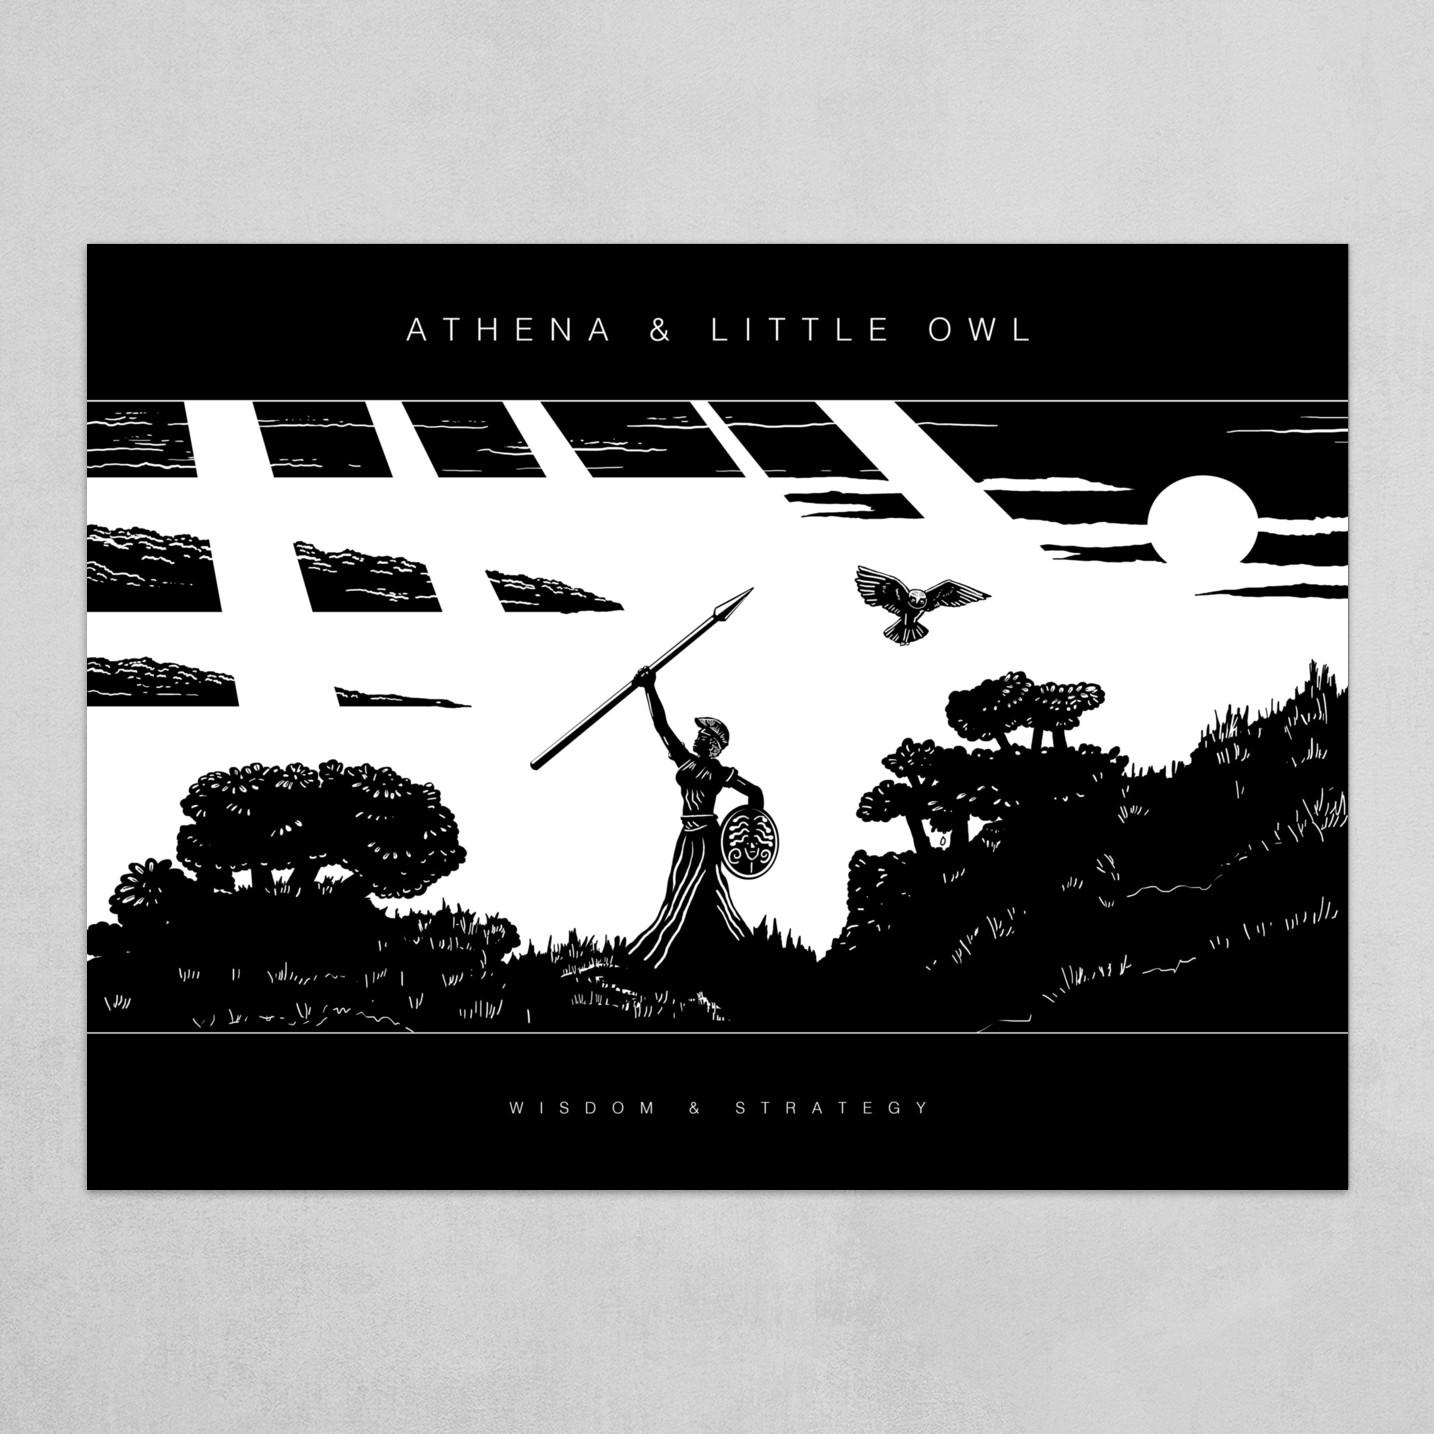 Athena & Little Owl